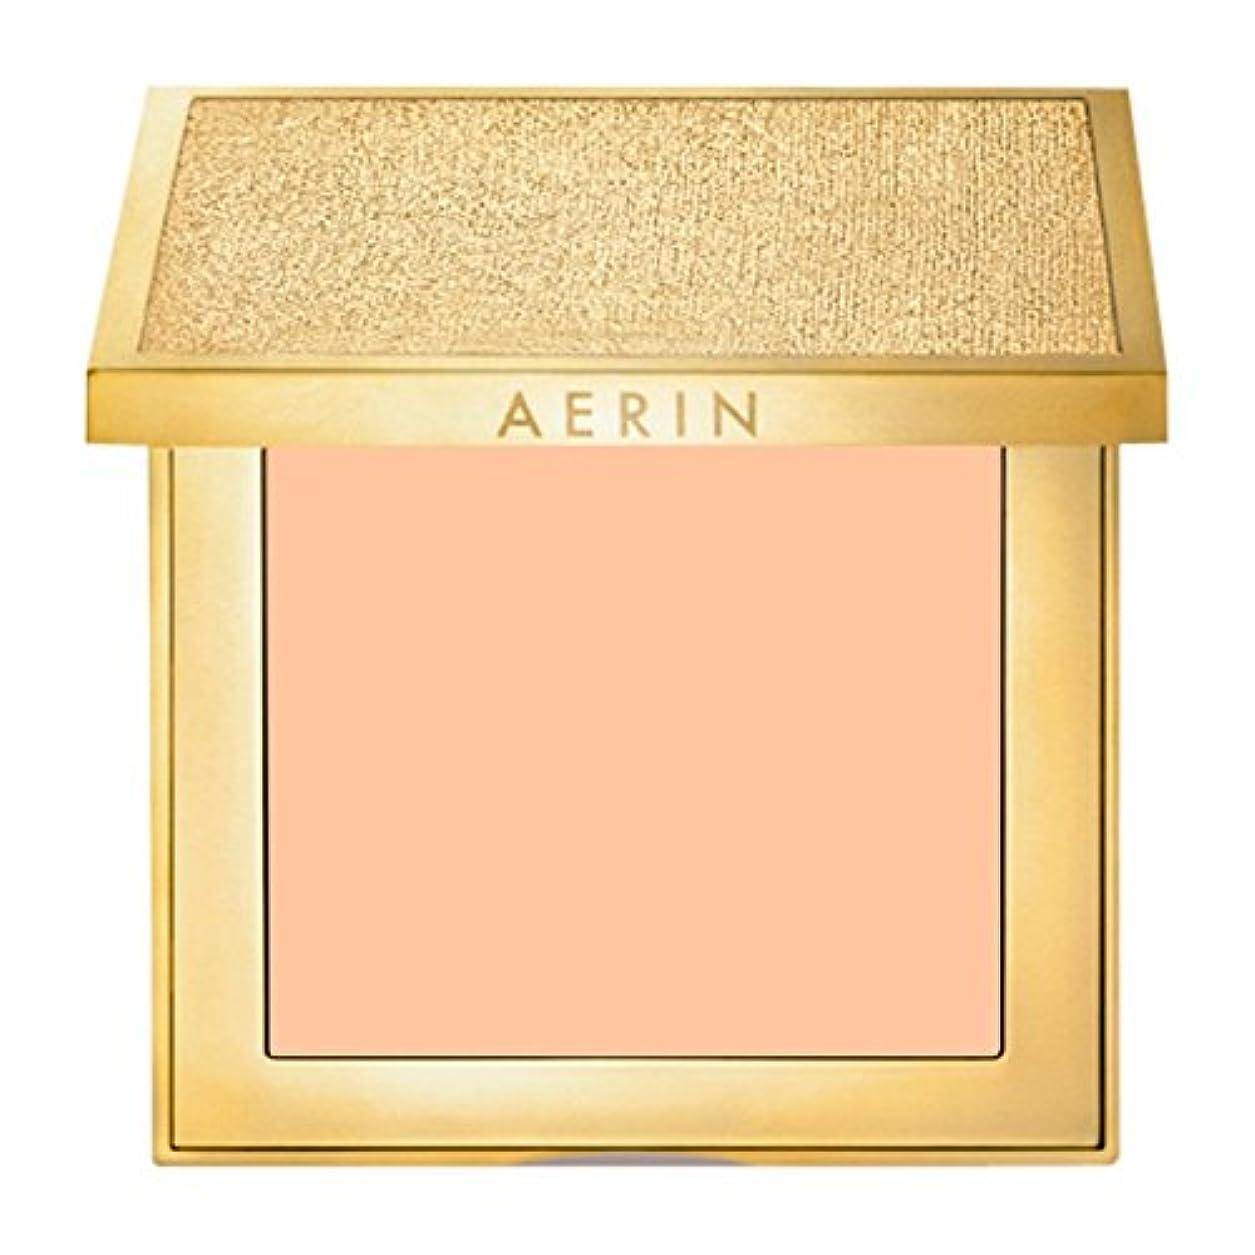 法王抵抗力がある代表してAerin新鮮な肌コンパクトメイクアップレベル2 (AERIN) (x2) - AERIN Fresh Skin Compact Makeup Level 2 (Pack of 2) [並行輸入品]